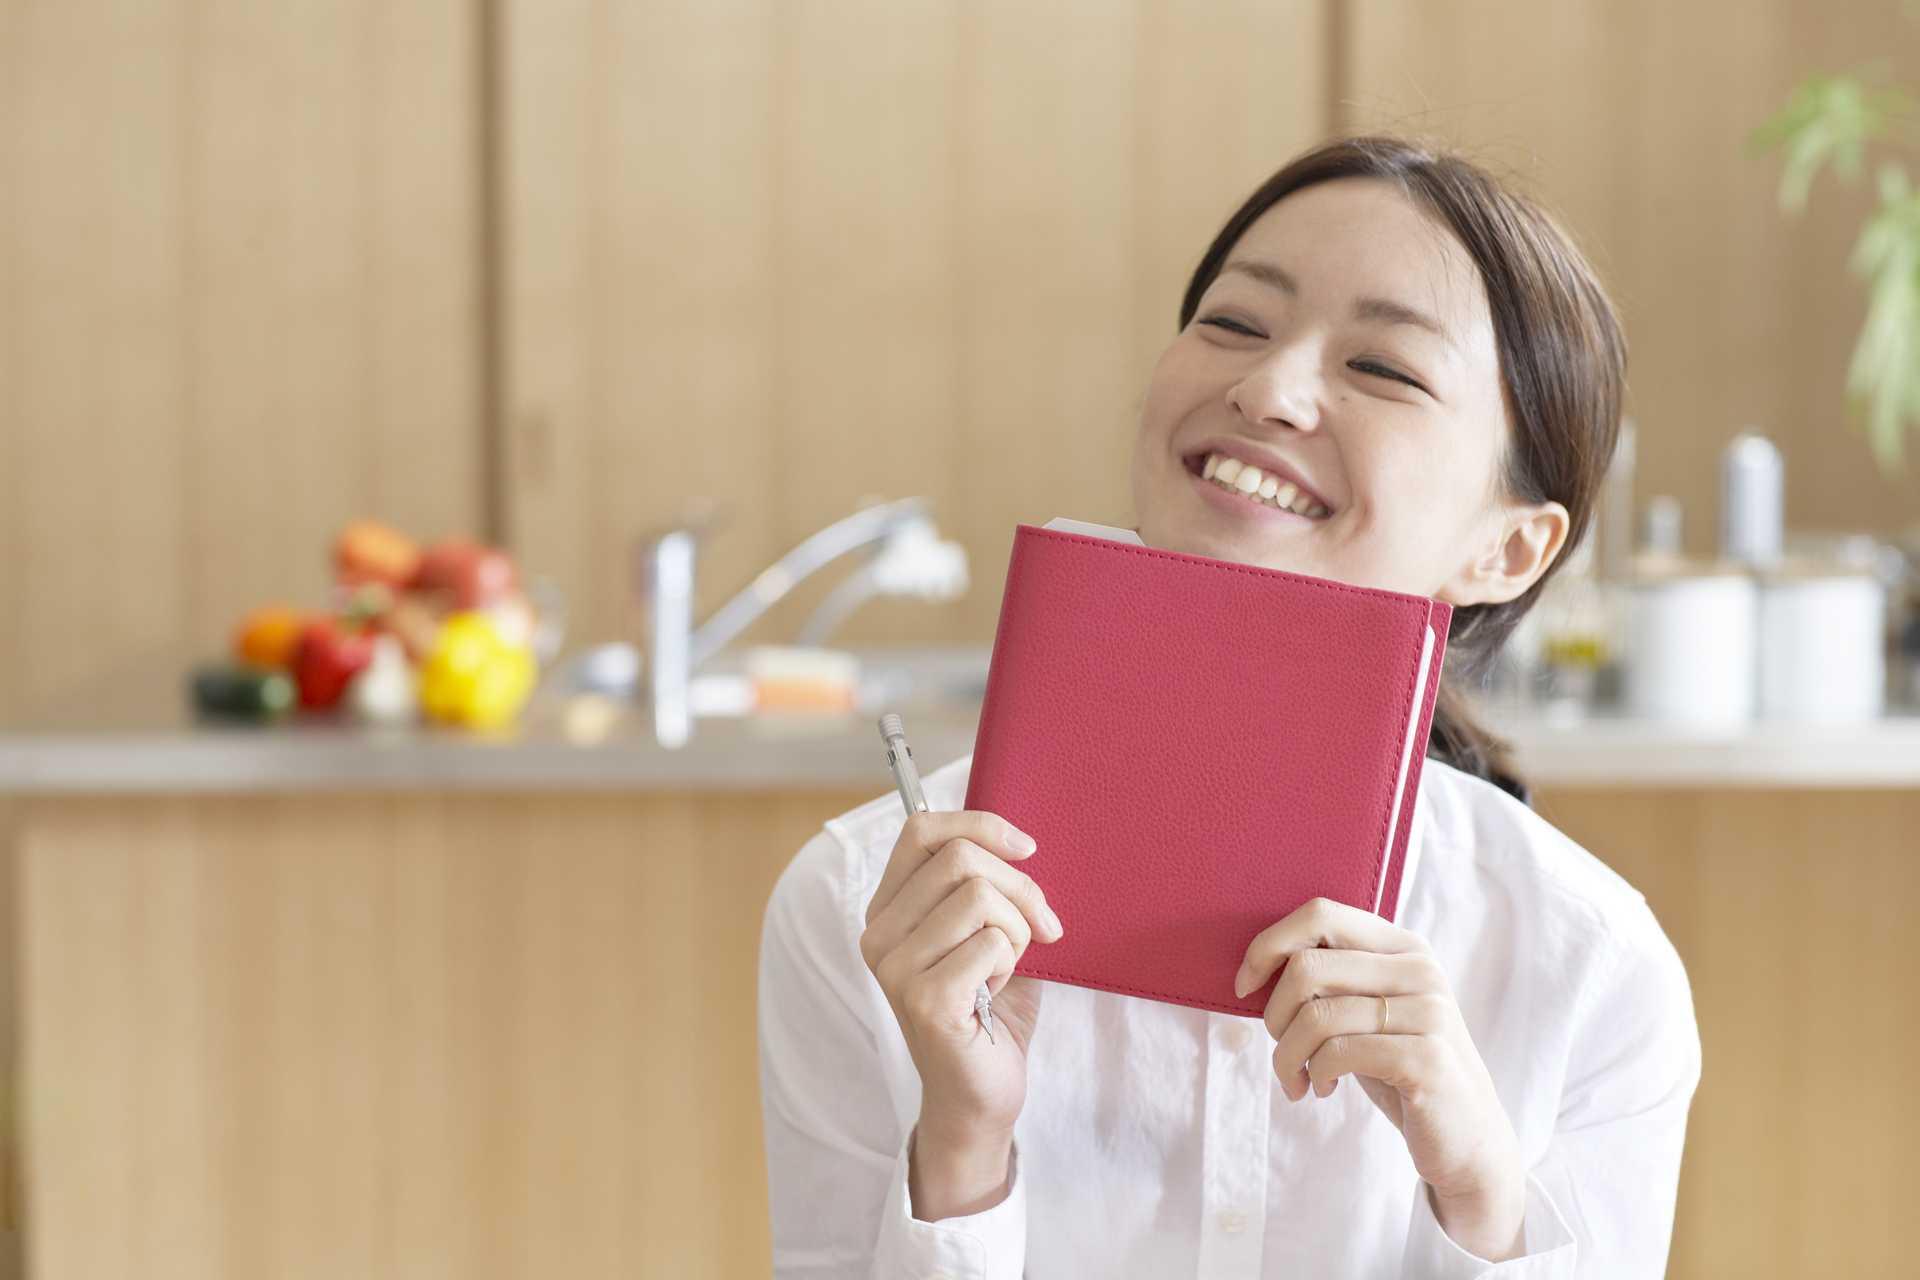 仕事の予定が入る前に、休暇の予定を先に入れる。 | のんびり気楽に生きる30の心の習慣